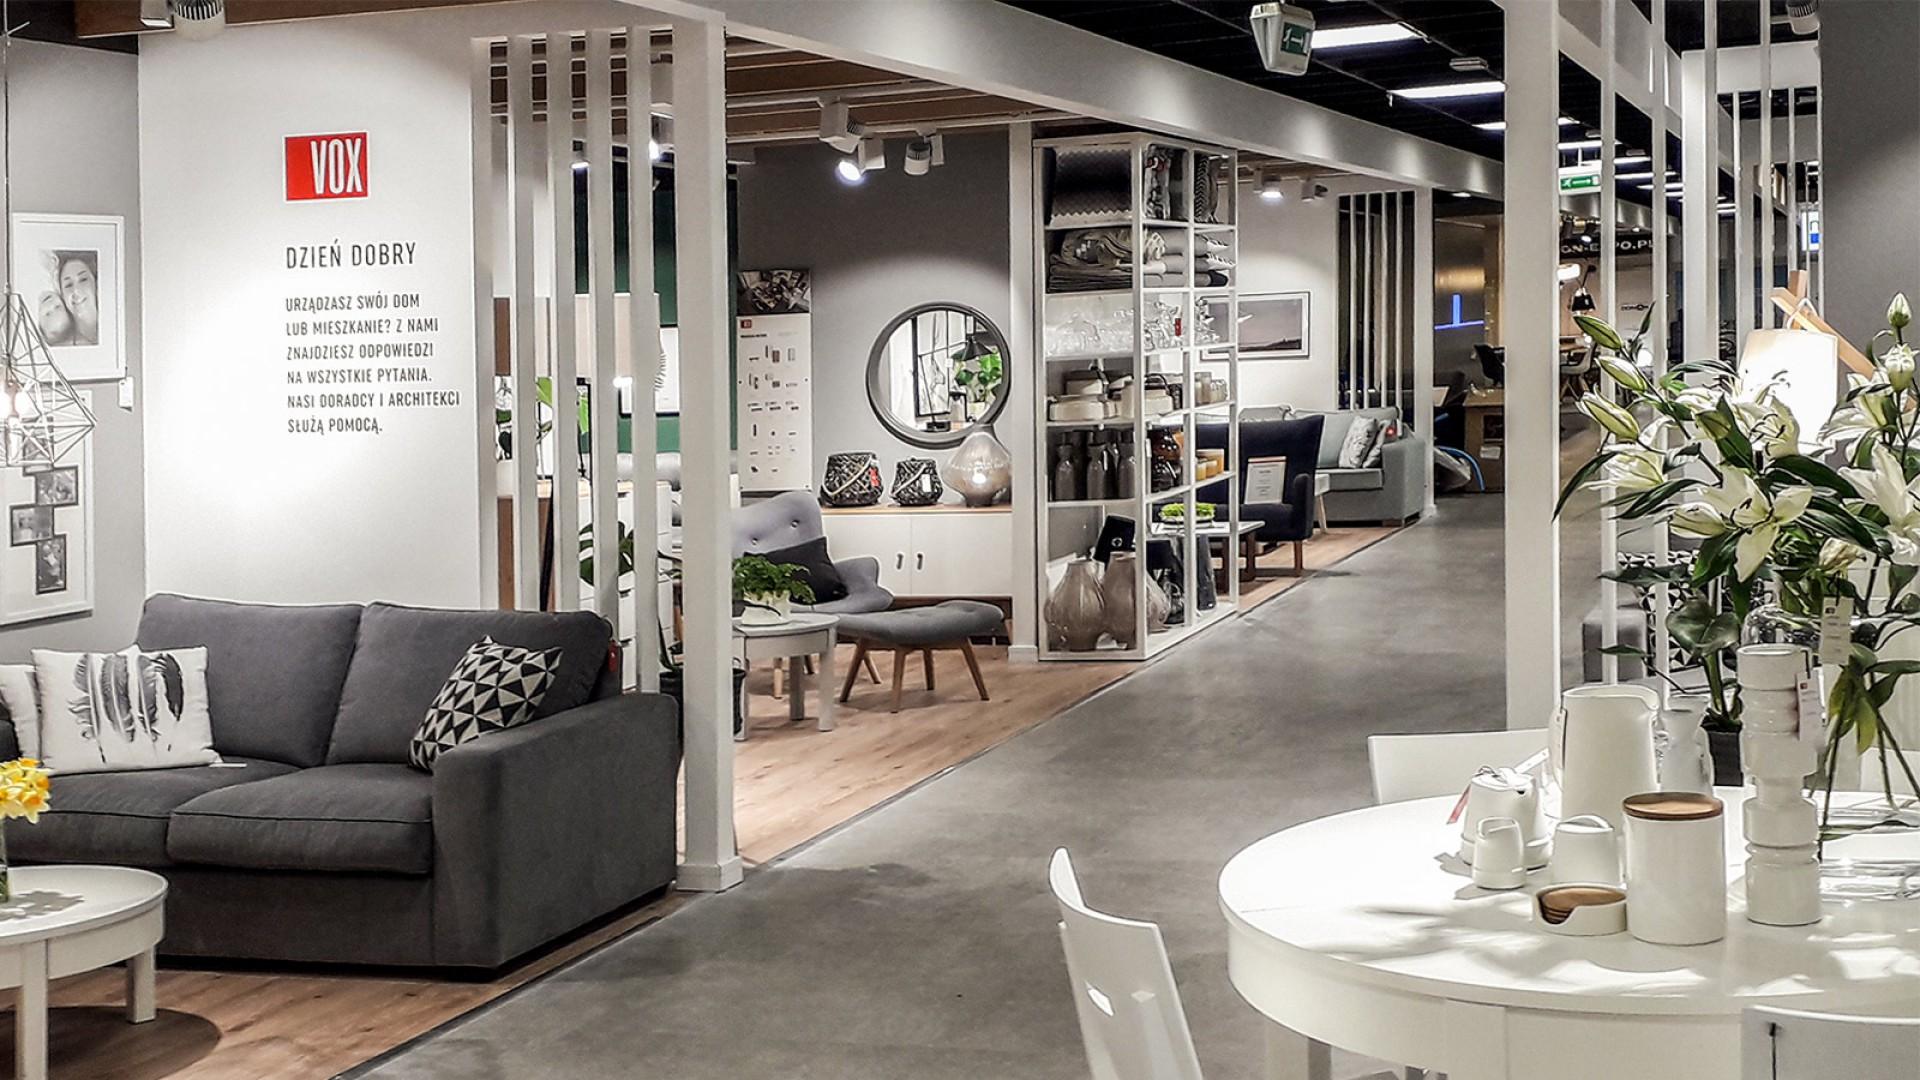 Salon sprzedaży mebli VOX we Wrocławiu. Fot. VOX